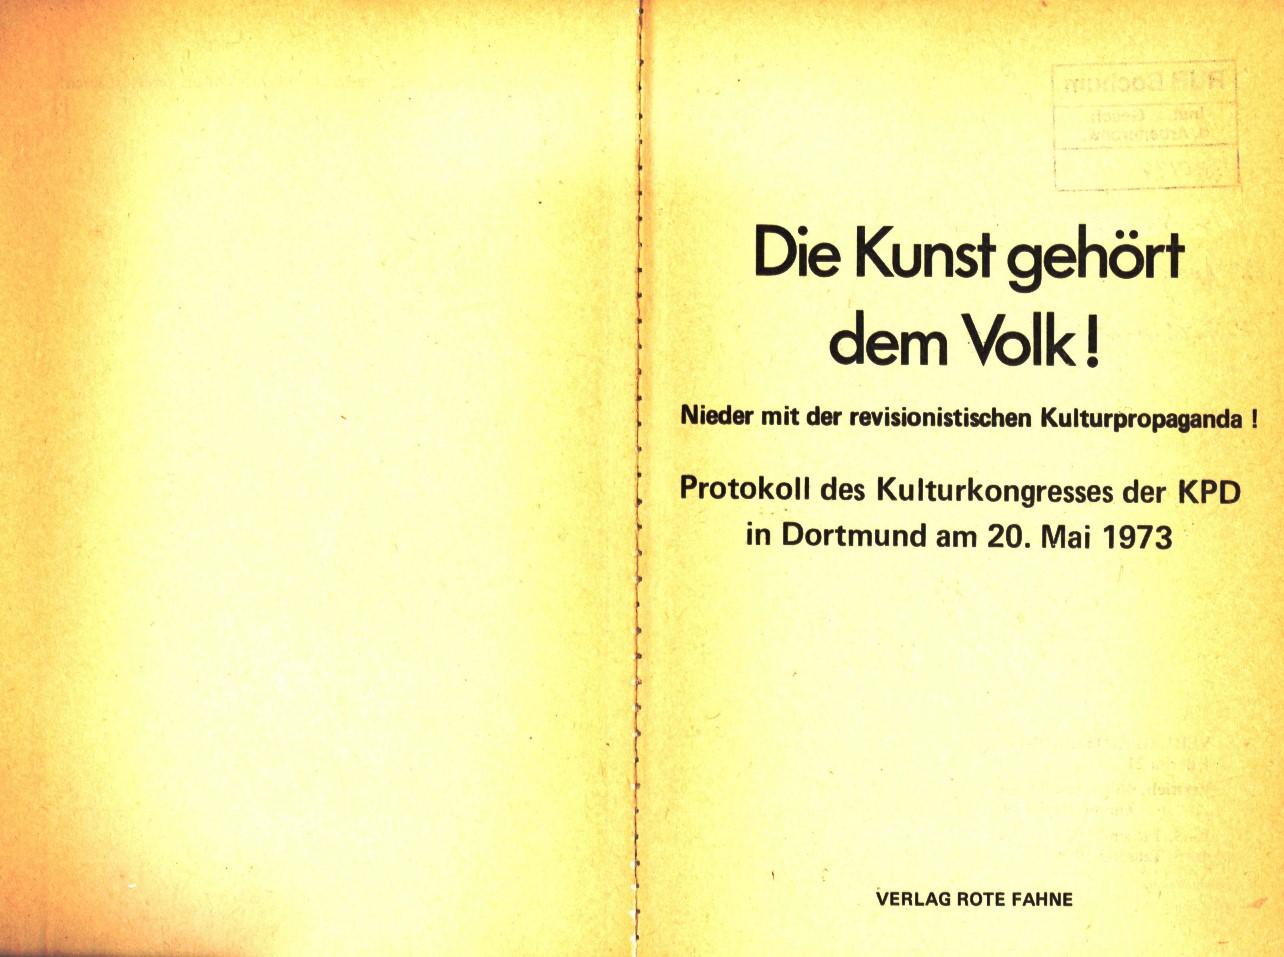 AO_1973_Kulturkongress_002